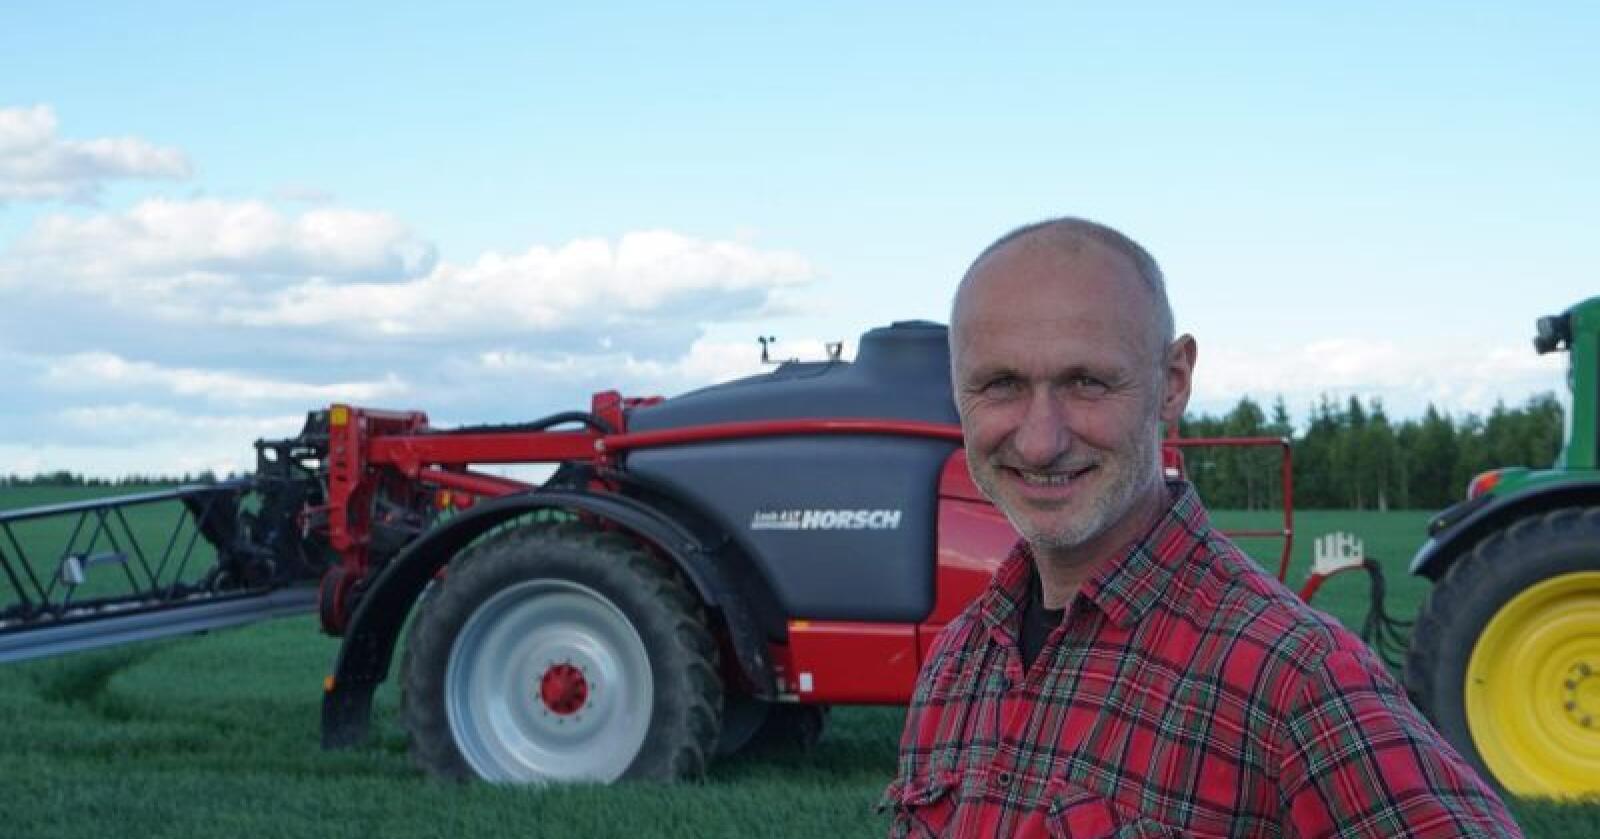 Klimabonde: Jan Erik Brotnow har et bevist forhold til hvordan han bruker jorda. Forskerne Bondebladet har snakket med trekker frem effektiv arealutnyttelse som et viktig klimatiltak. (Foto: Espen Syljuåsen)